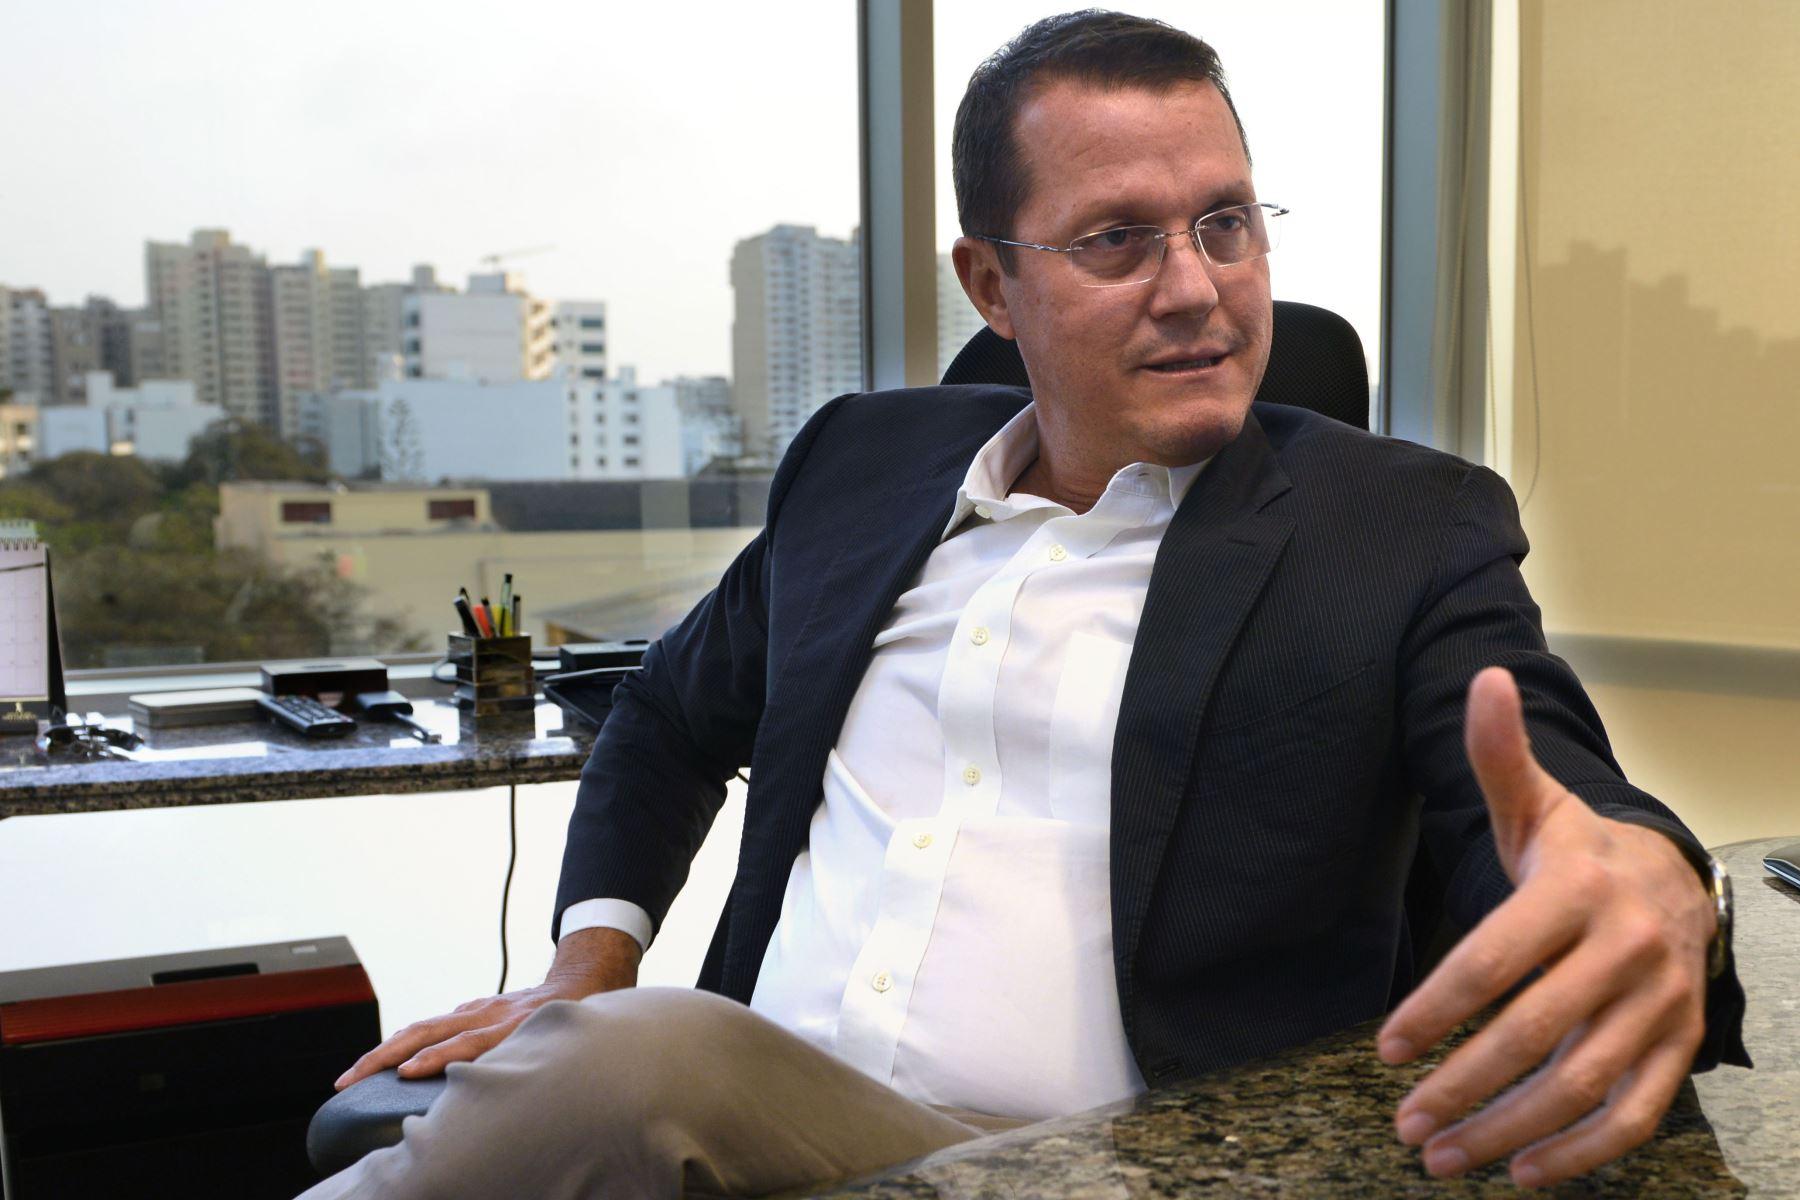 Jorge Barata, exrepresentante de Odebrecht en el Perú, confirmó que pagaron millonarios sobornos a Toledo a través de las empresas de Yosef Maiman, en ese entonces amigo personal del exmandatario, para ganar la buena pro de la carretera Interoceánica.